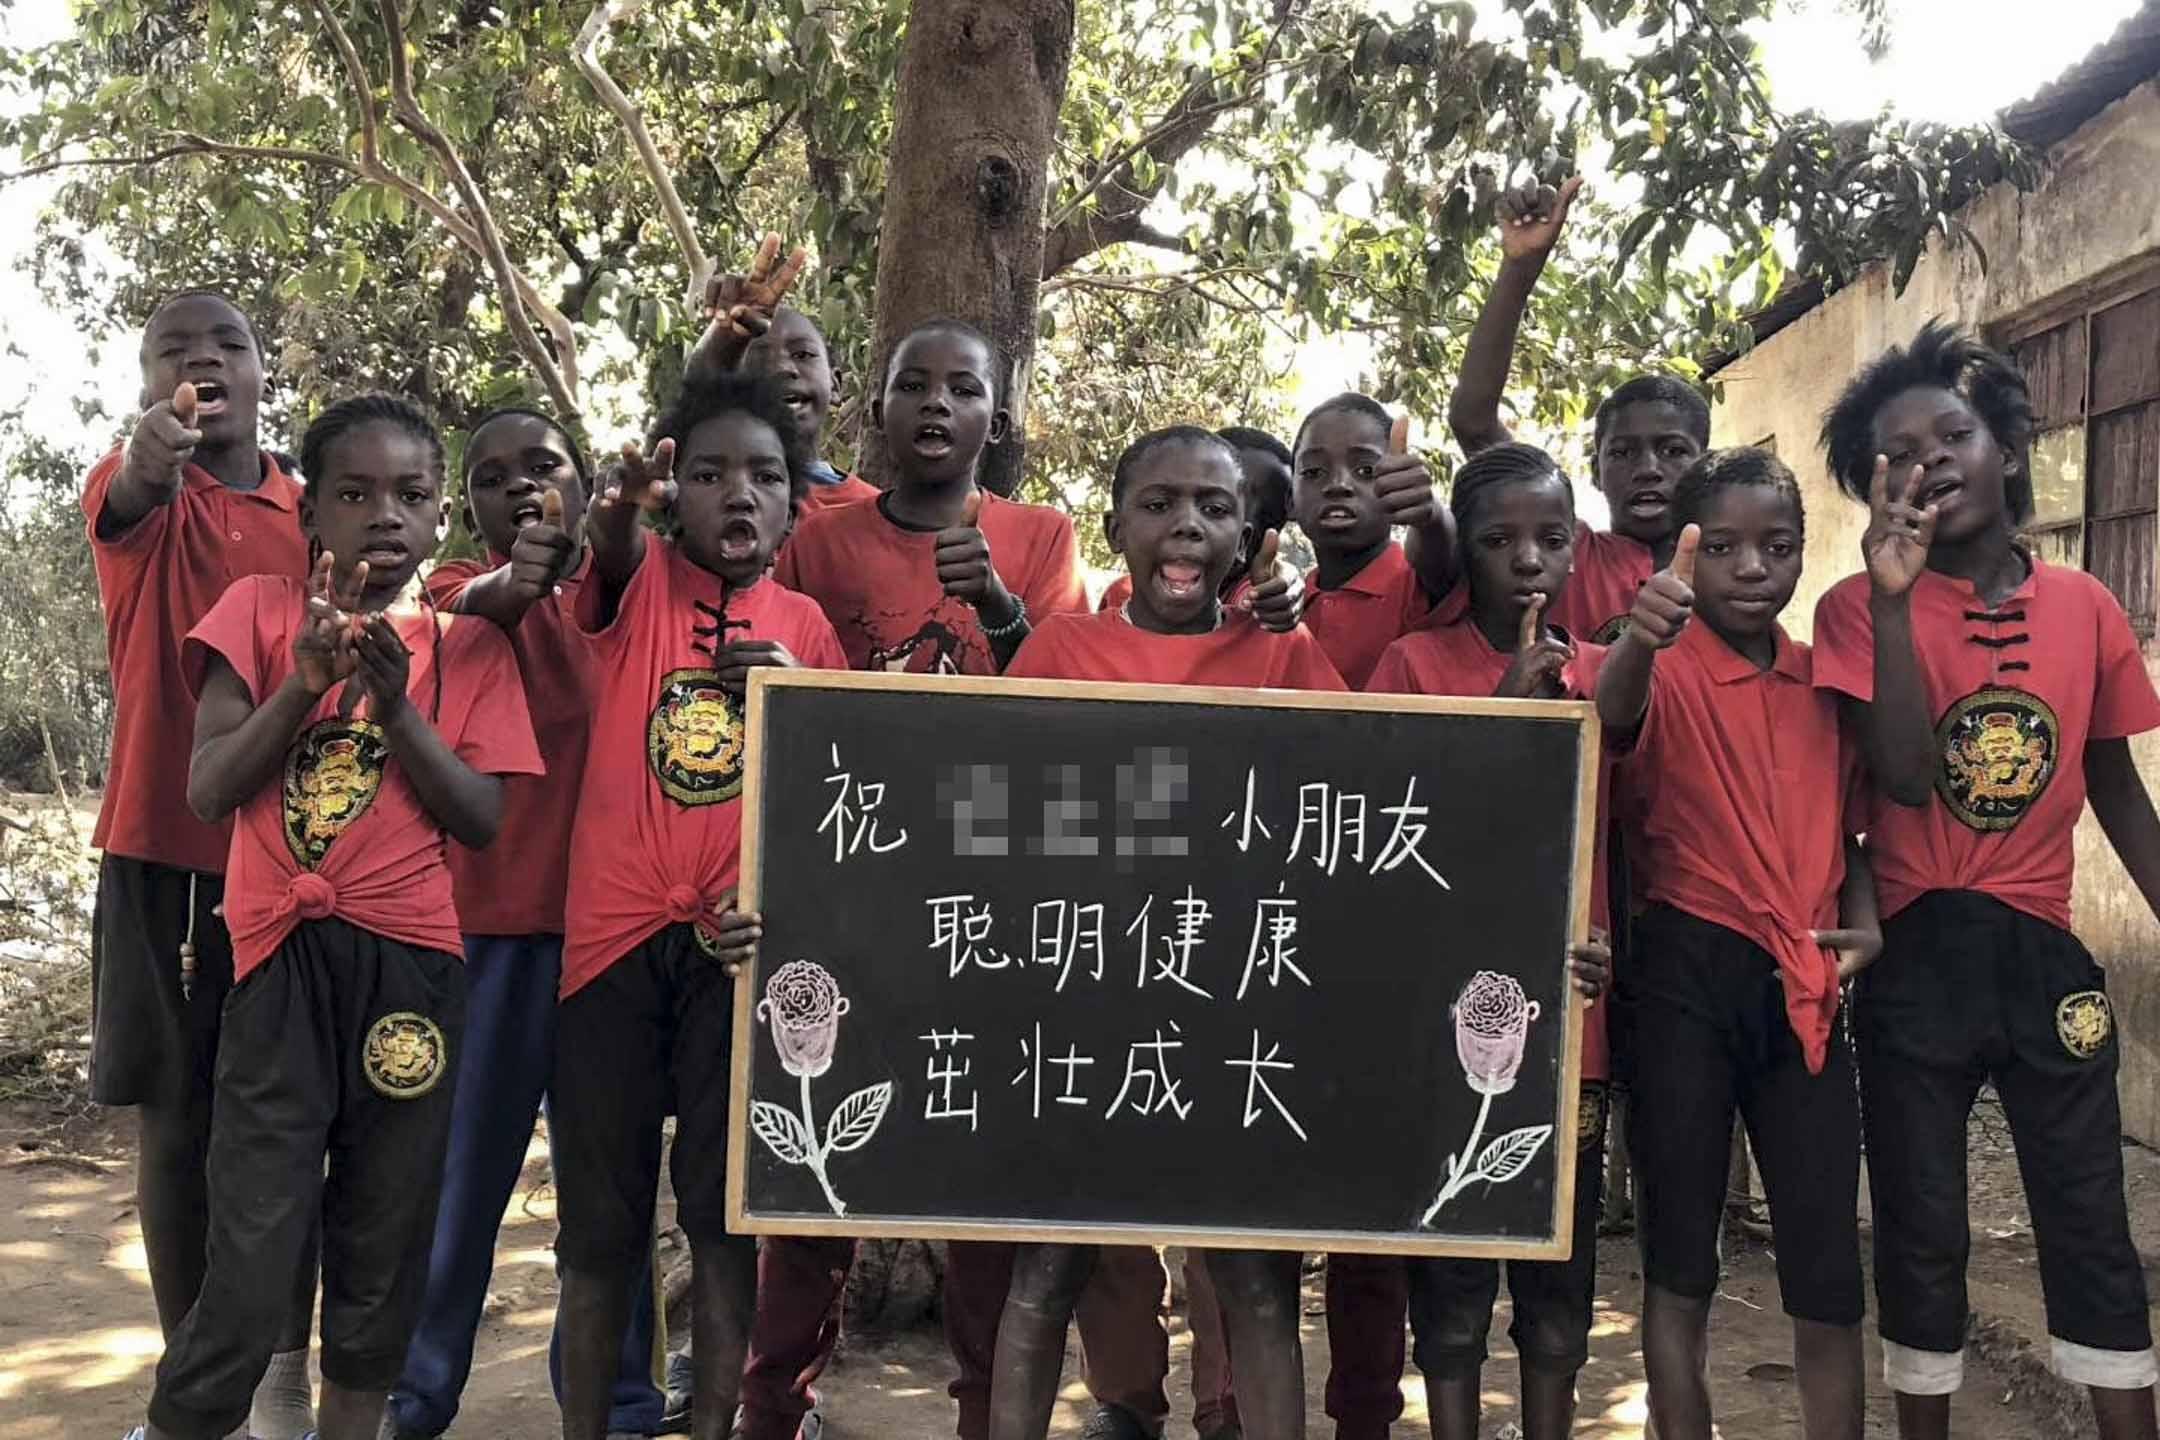 中國大陸近幾年興起的「非洲小孩舉牌喊話」產業,視頻中的非洲孩子們則操著生澀的普通話,舉牌向觀眾傳達祝福或宣傳。 網上圖片經後期處理